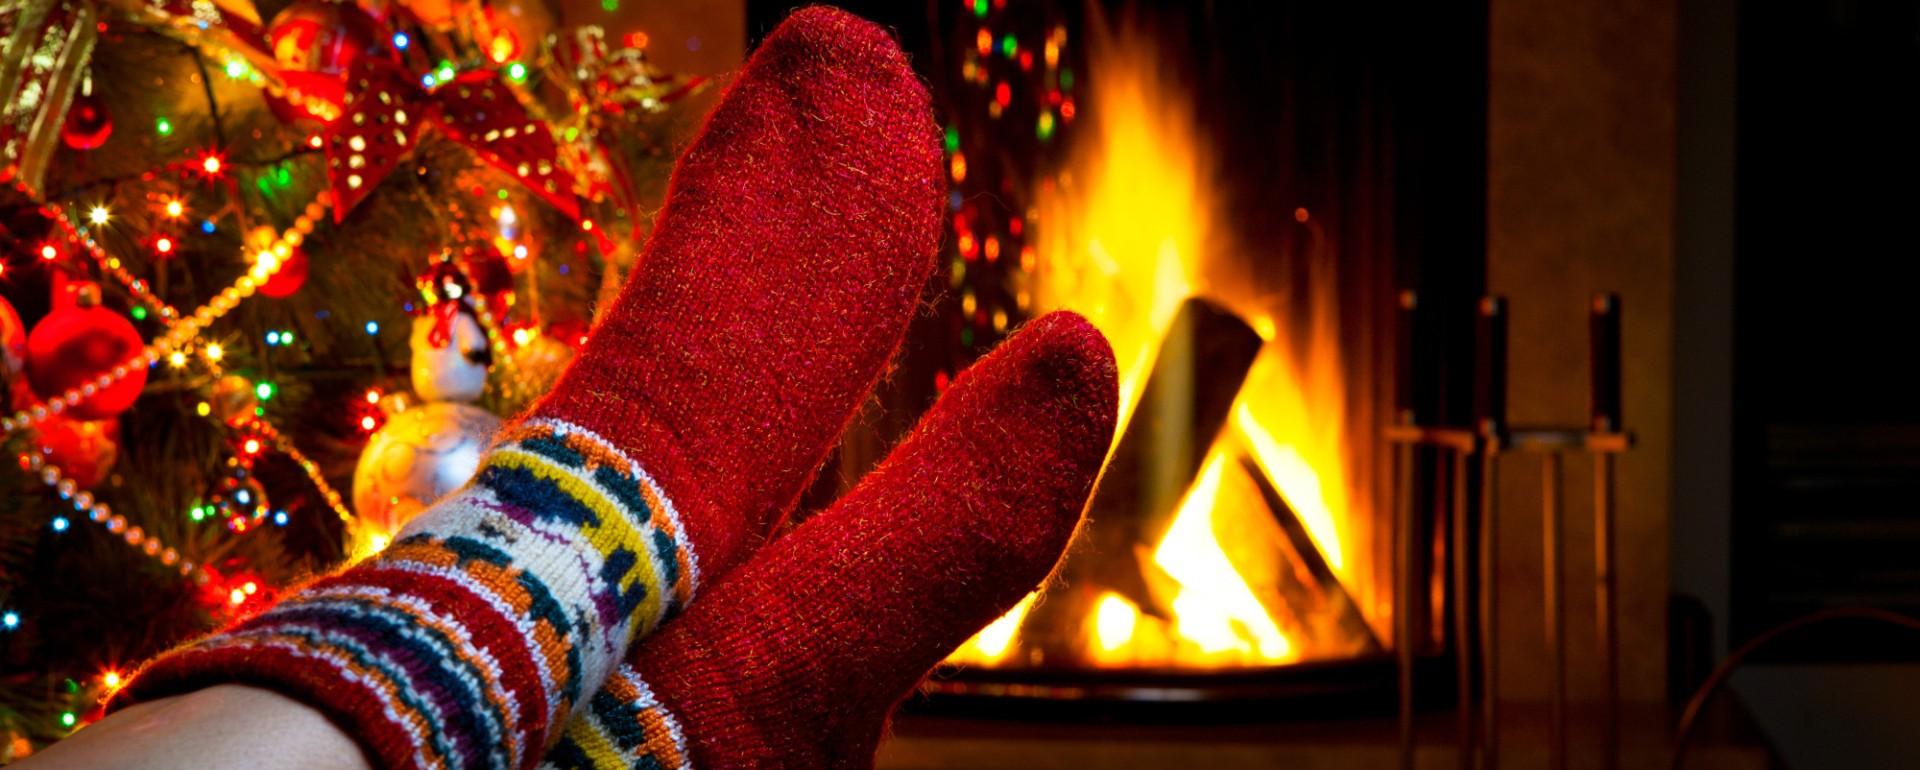 Теплые вязанные носочки всего за 280р - согреют Ваши ножки зимой